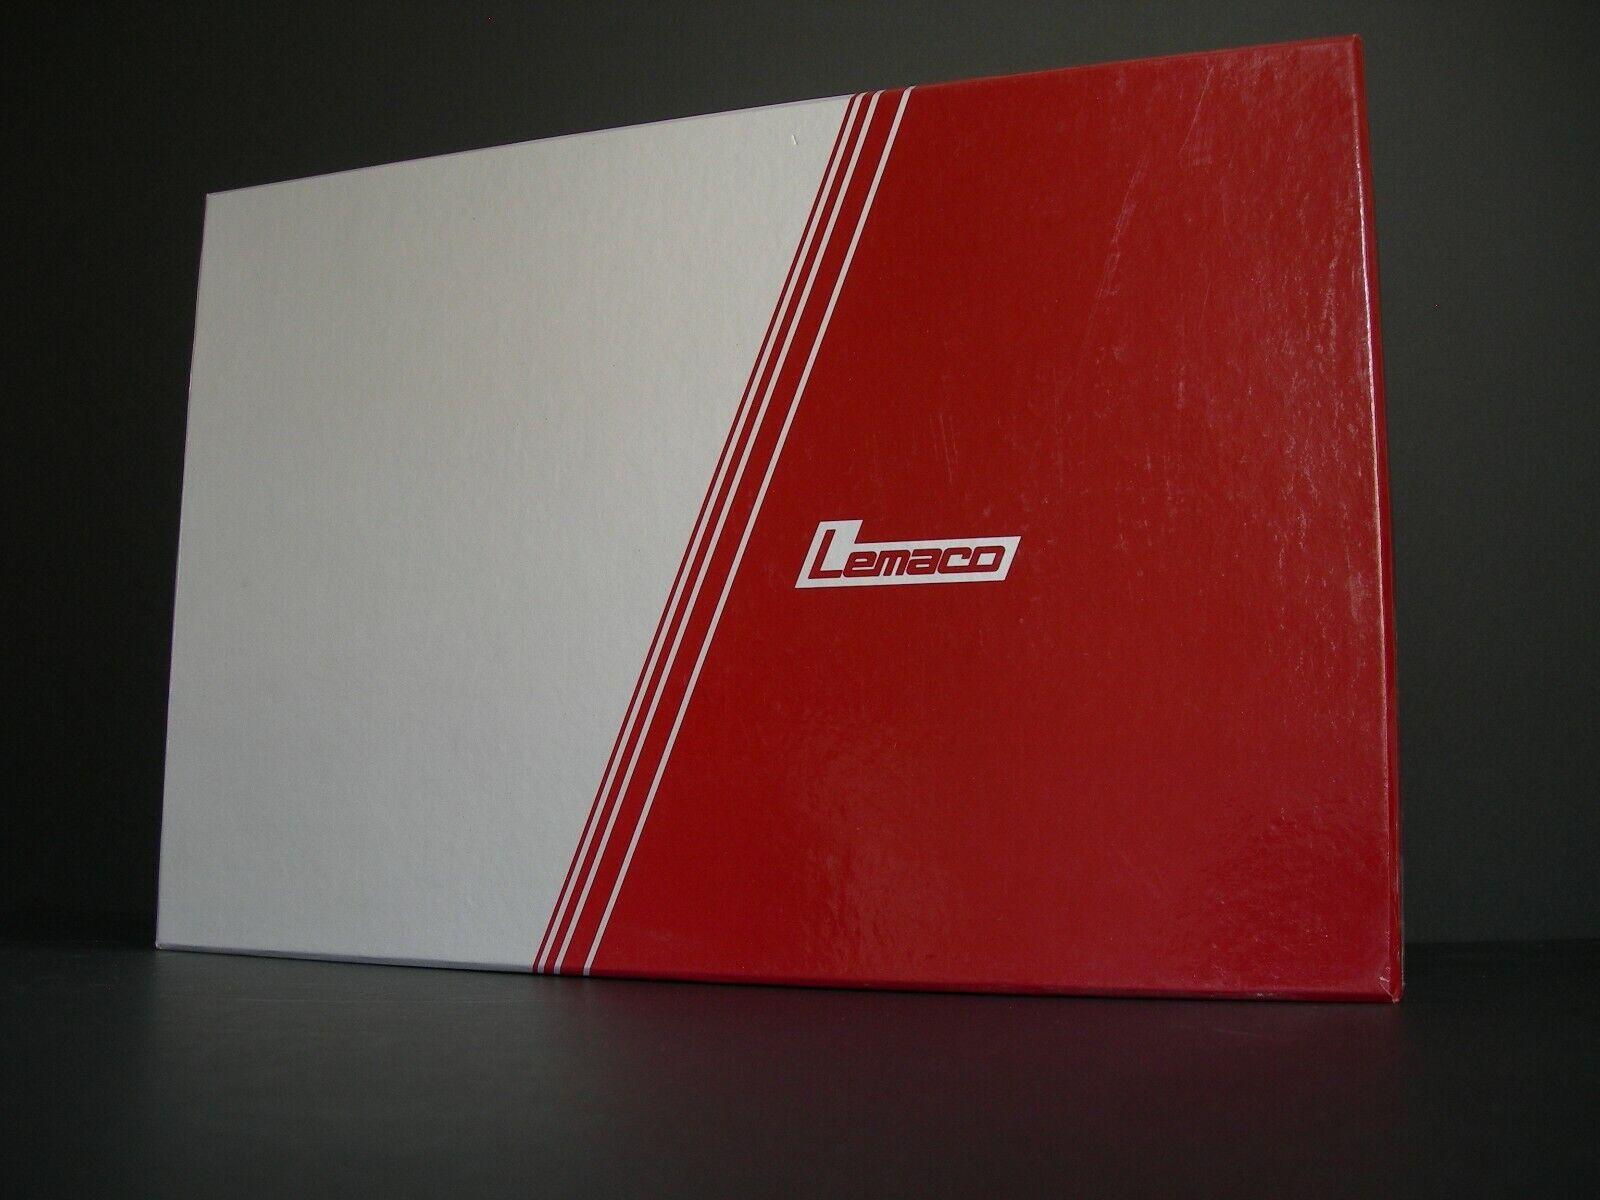 Boîte vide 140 C LEMACO Échelle 0